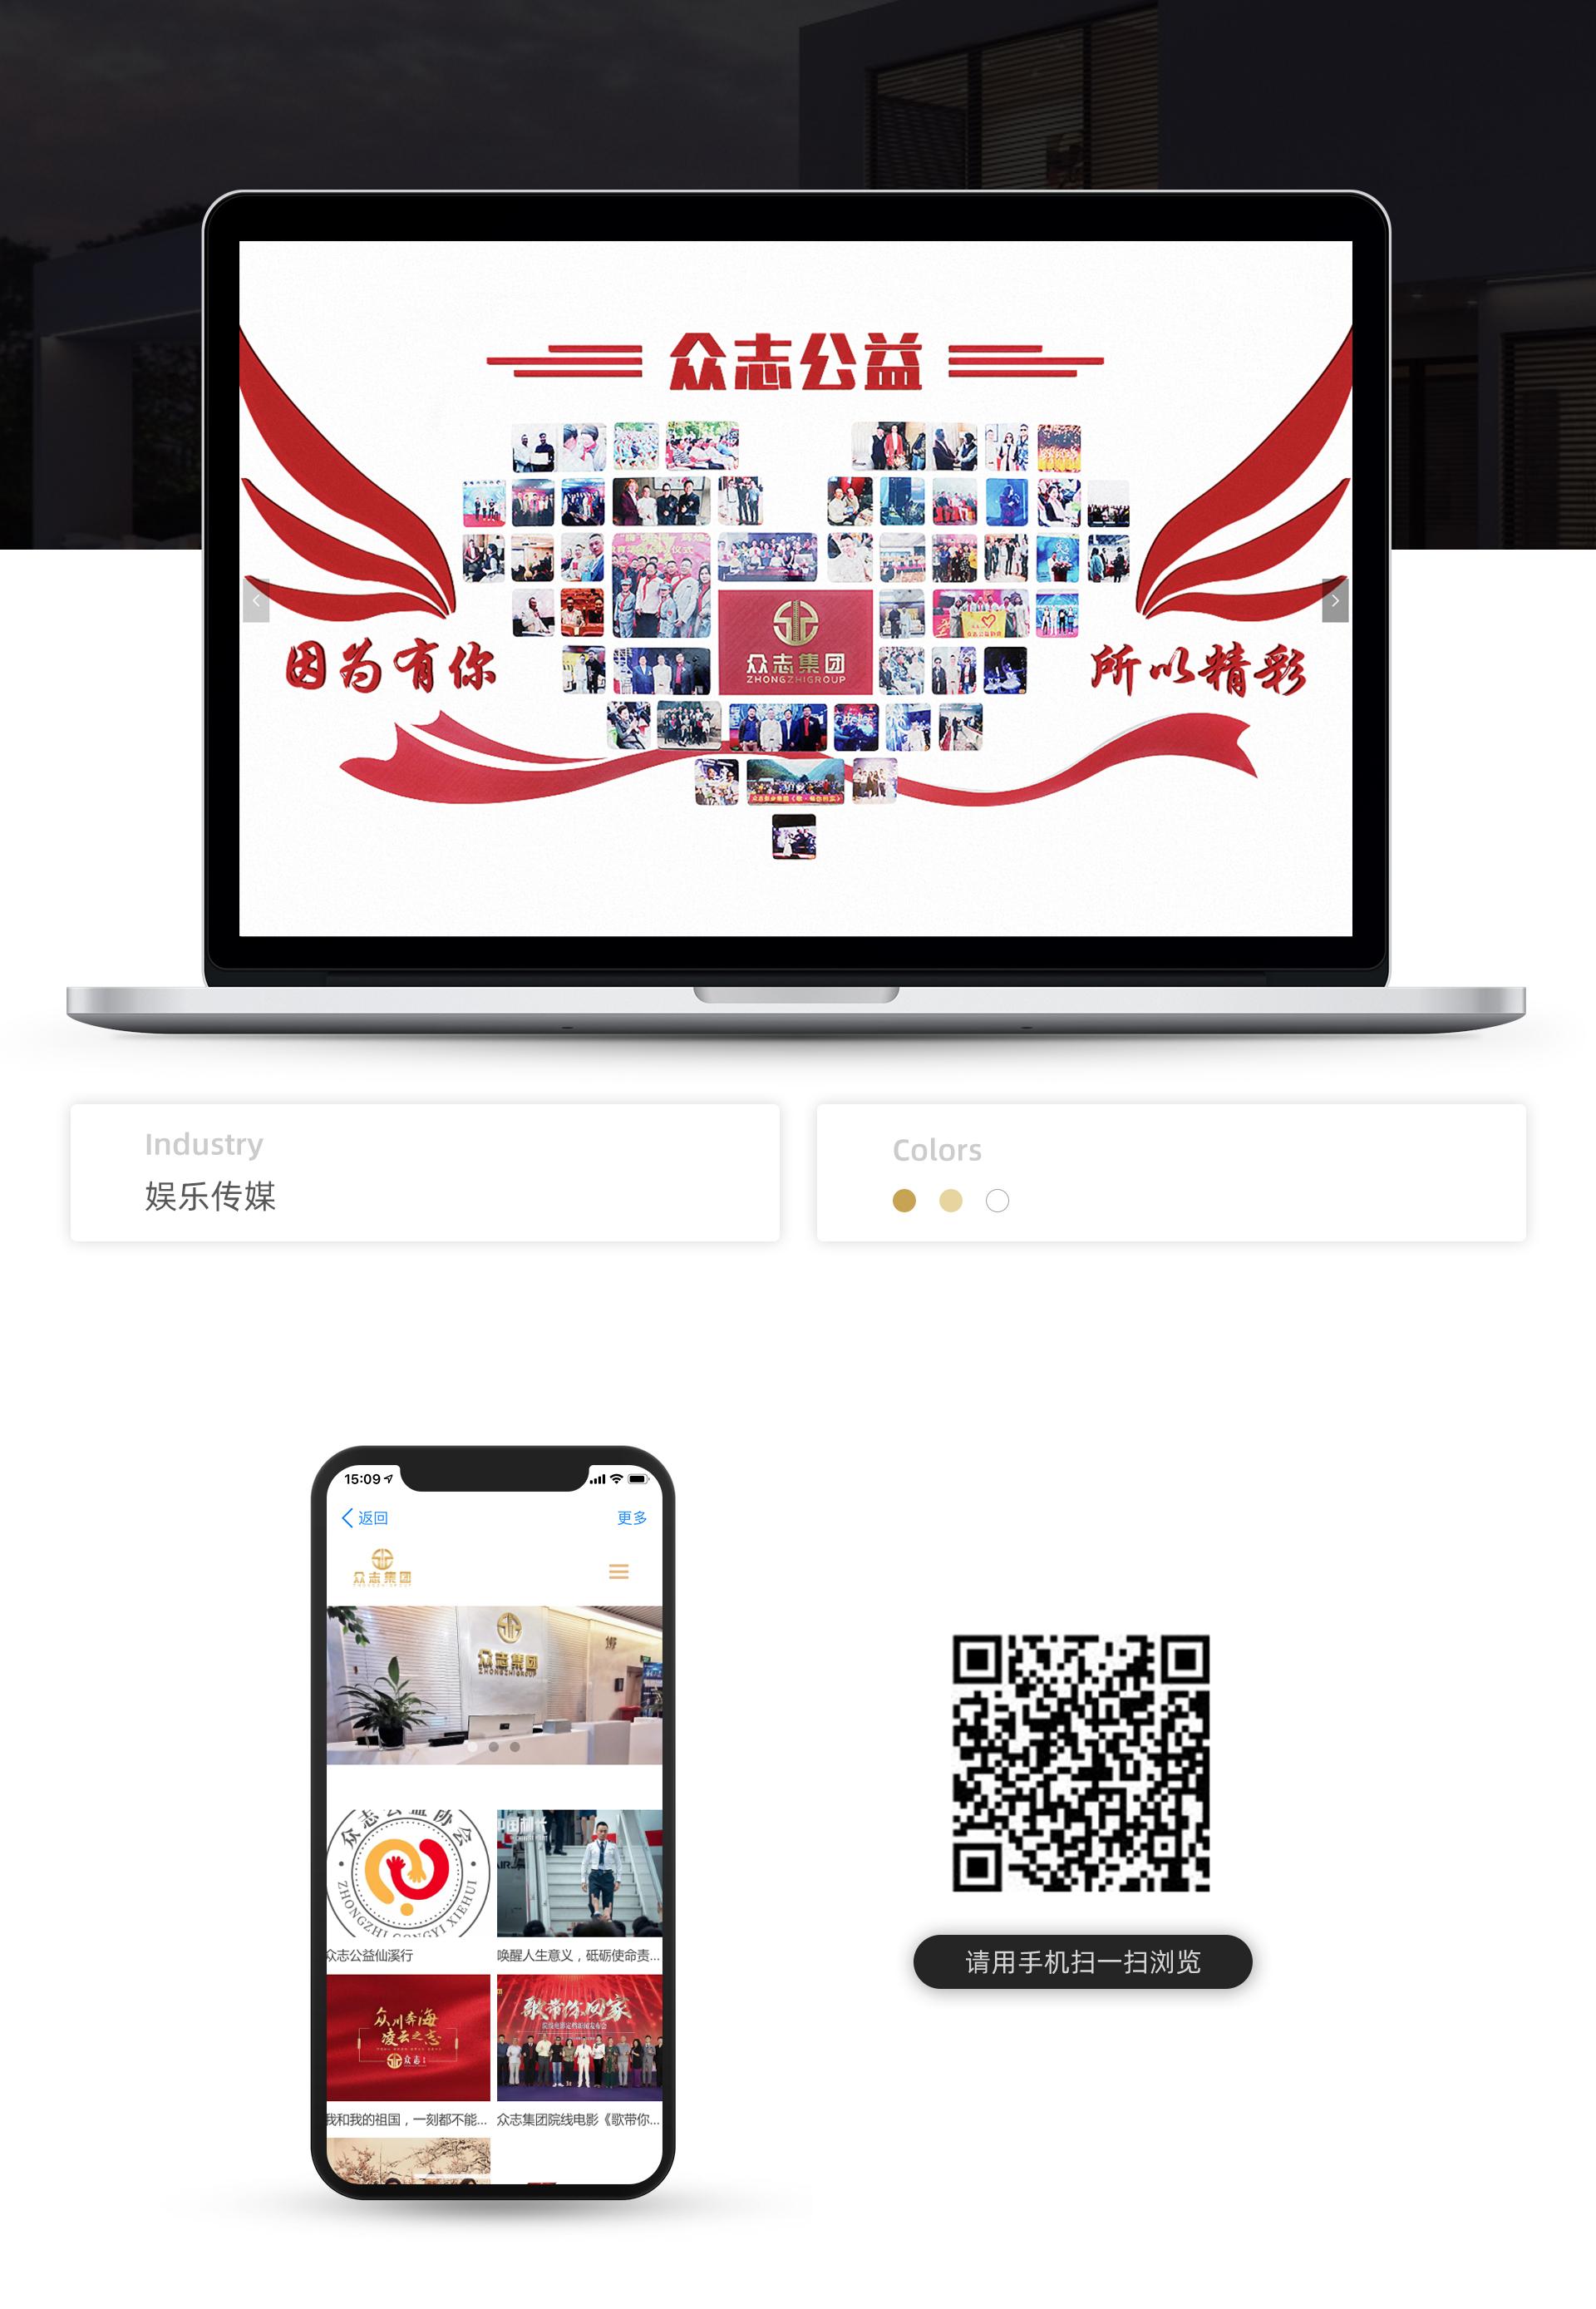 内页-云企案例设计简介-有手机版204094909880527_01